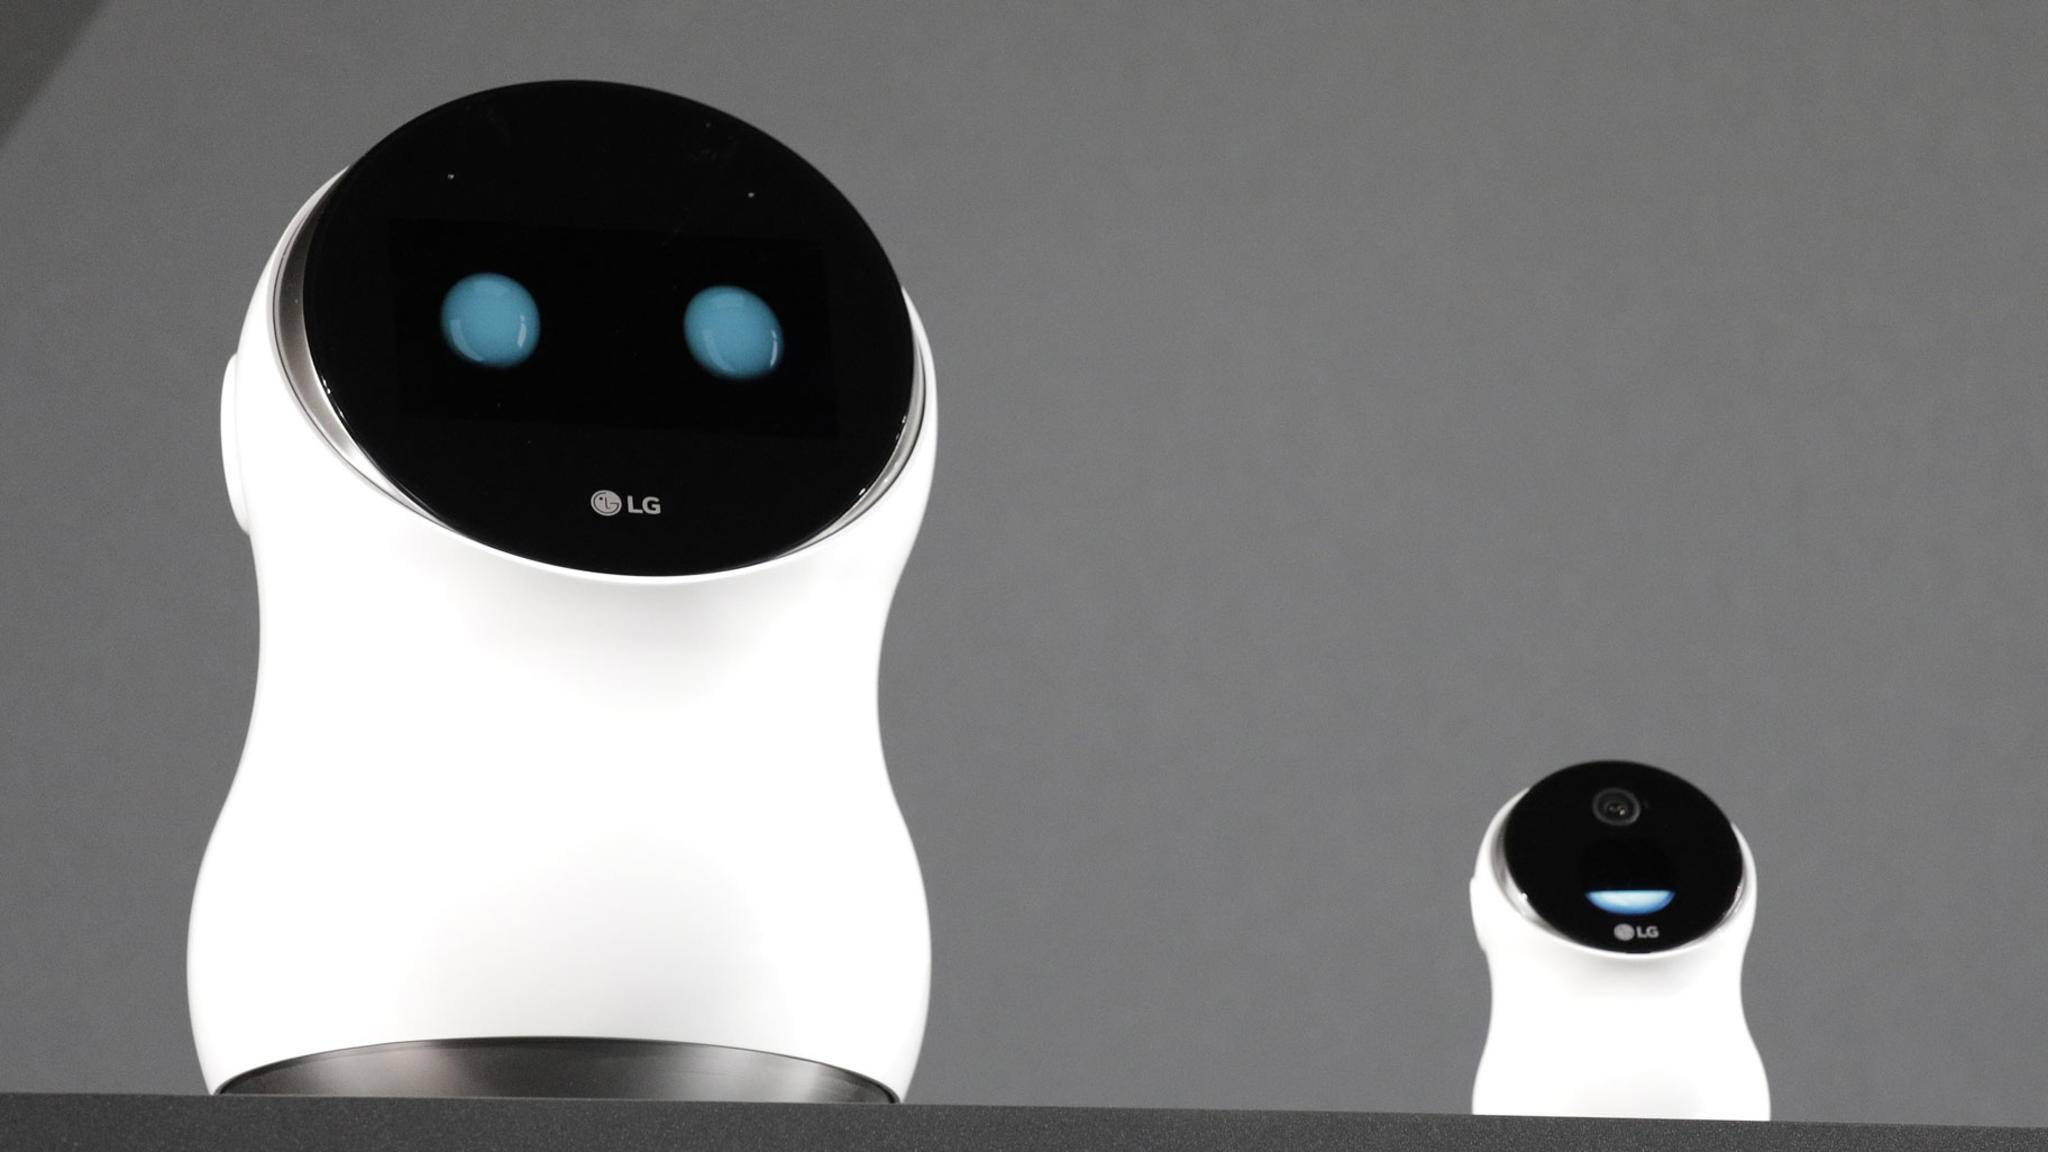 Der Hub Robot reagiert auf Spracheingaben und kann sich sogar bewegen.